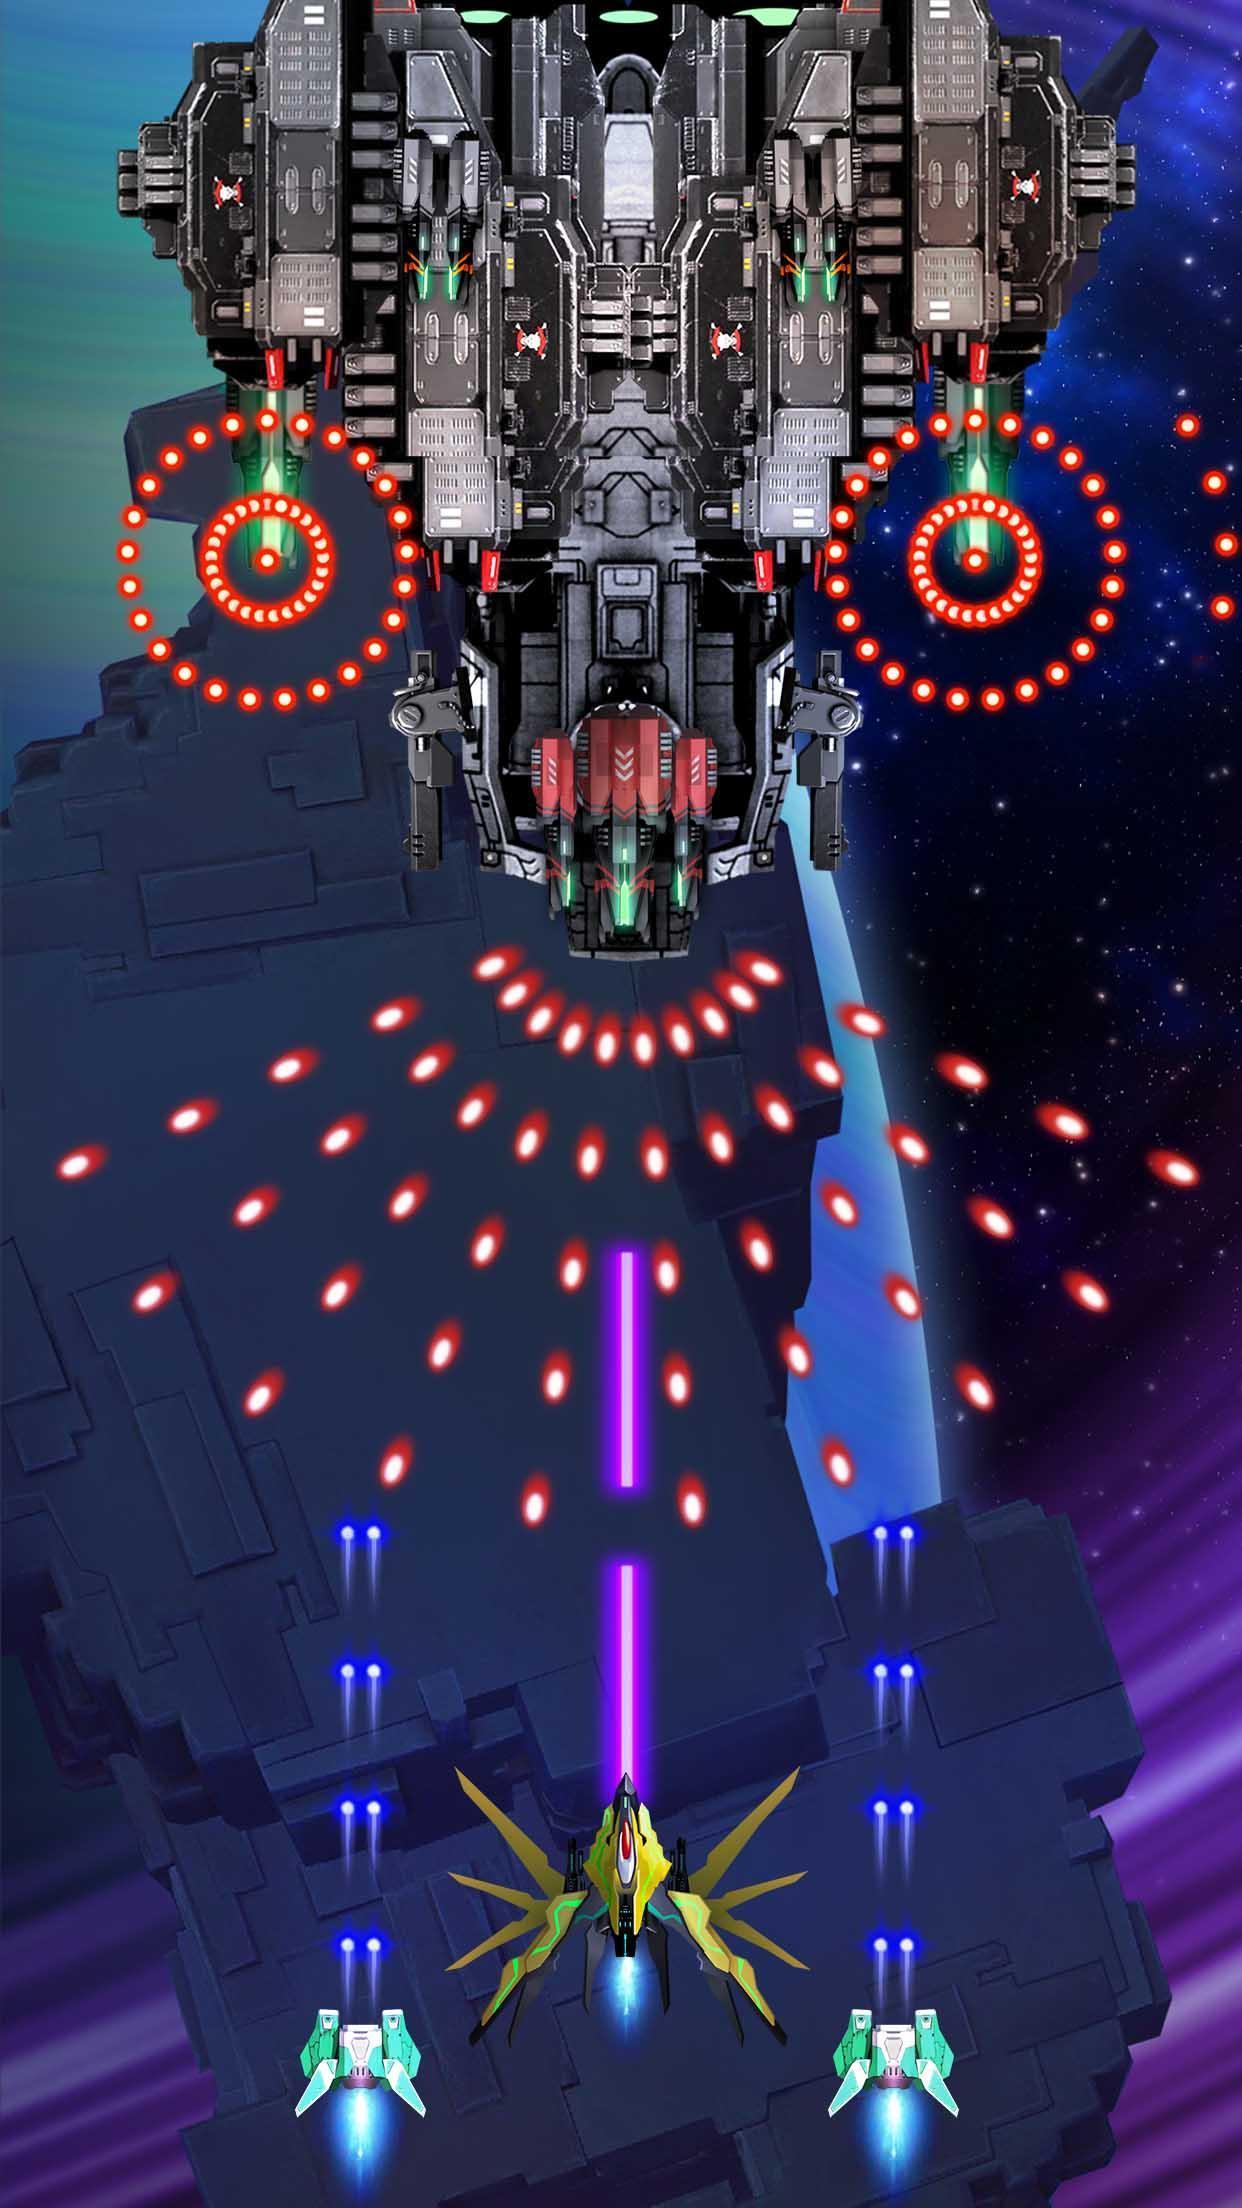 Android Icin Uzay Savaslari Uzay Gemisi Oyun Cekim Apk Yi Indir